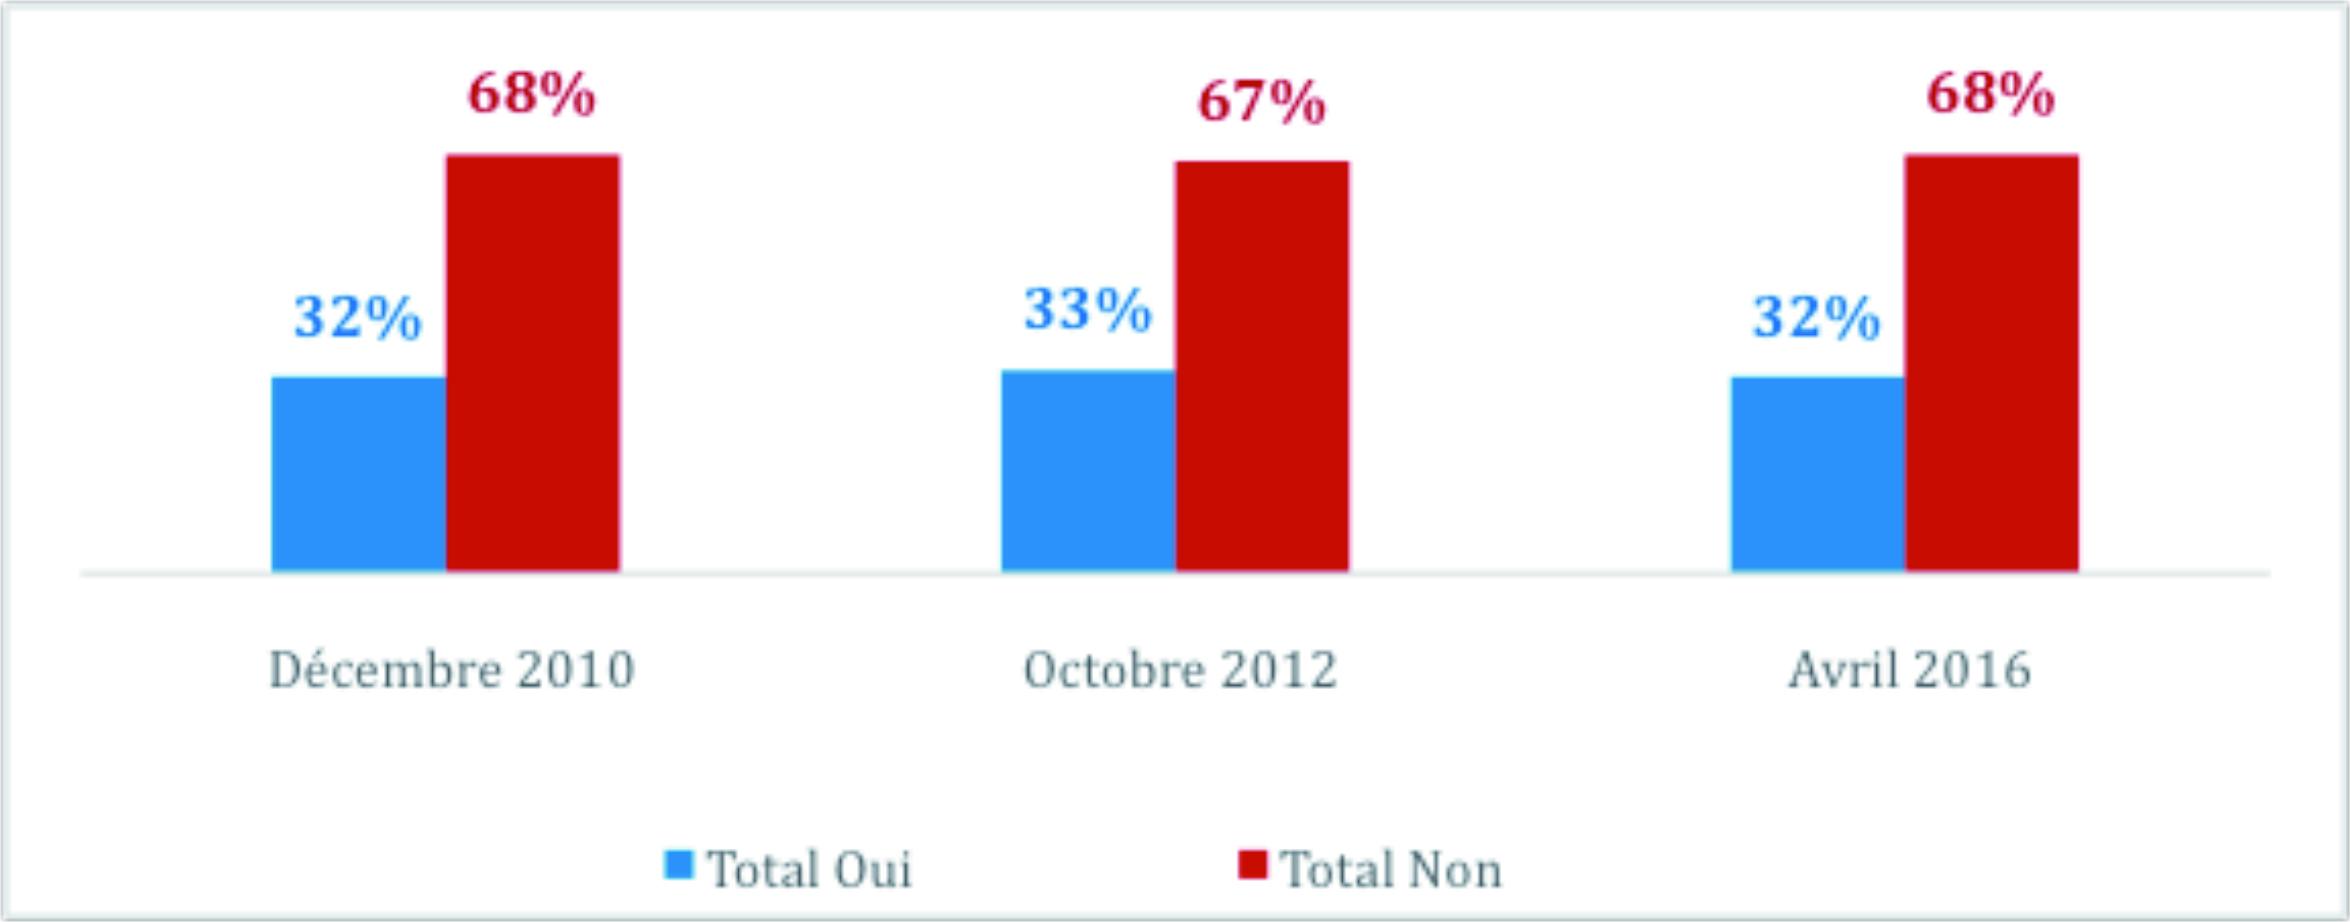 La perception de l'intégration des musulmans dans la société française